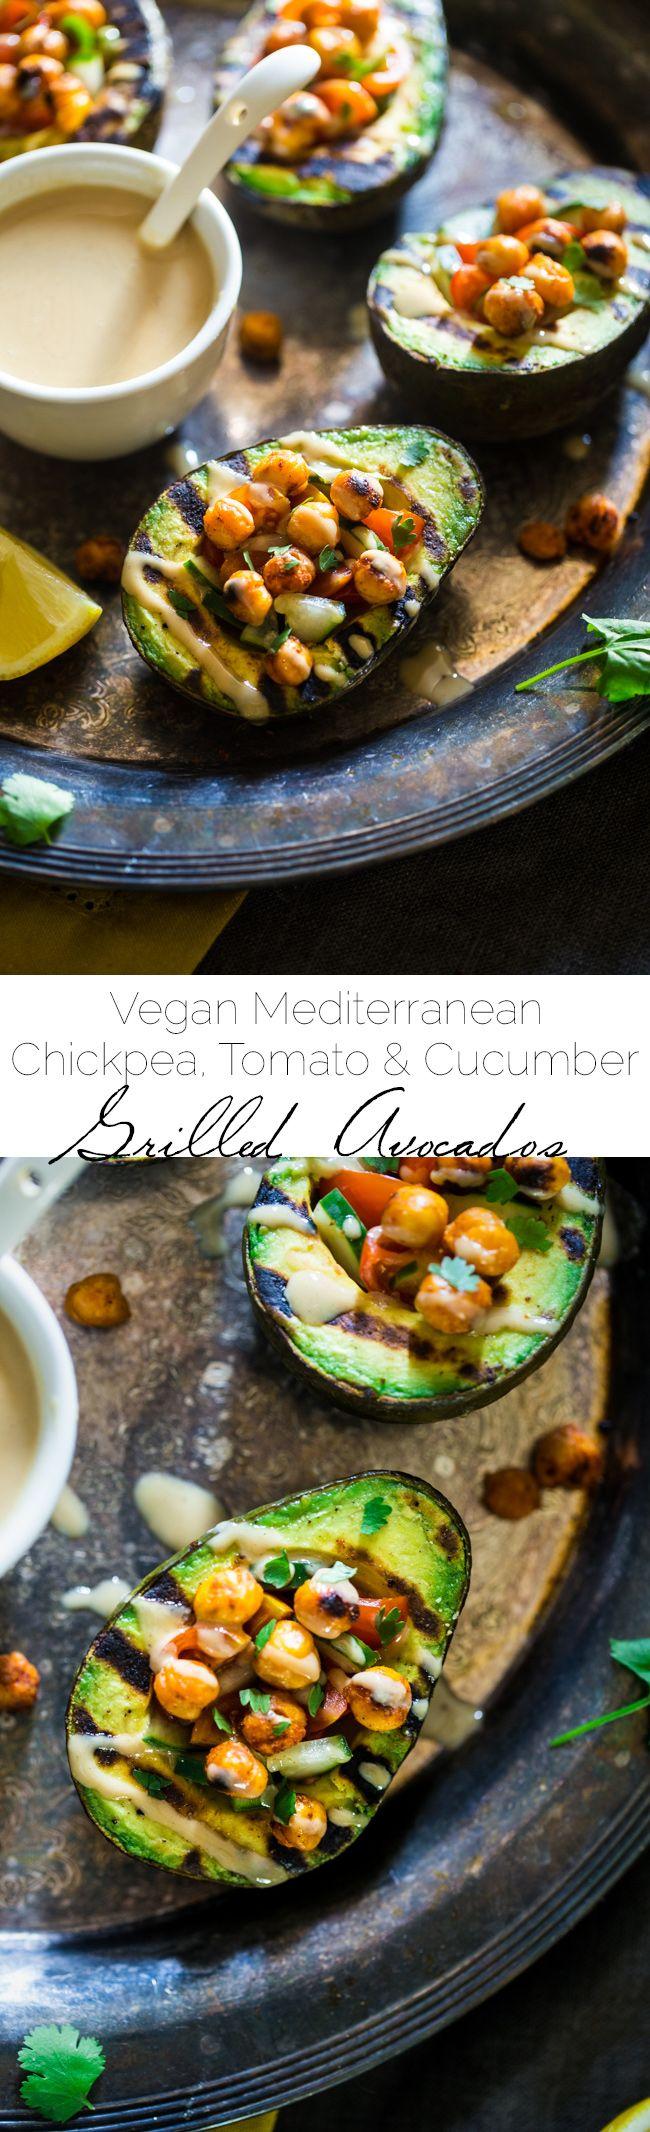 Healthy recipes vegan mediterranean chickpea stuffed grilled avocado grilled avocado is - Healthy greek recipes for dinner mediterranean savour ...